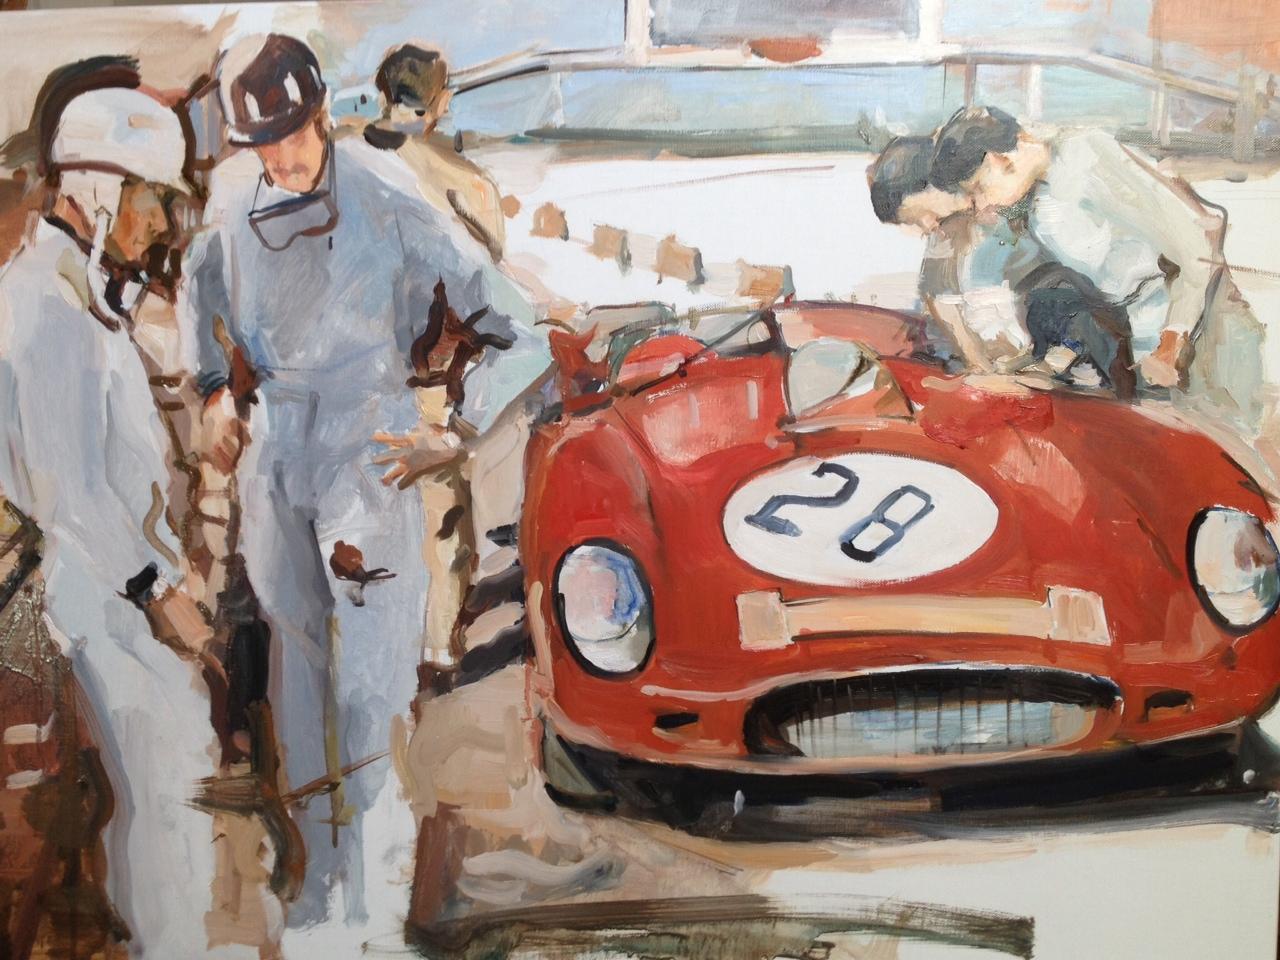 Ferrari-Testarossa